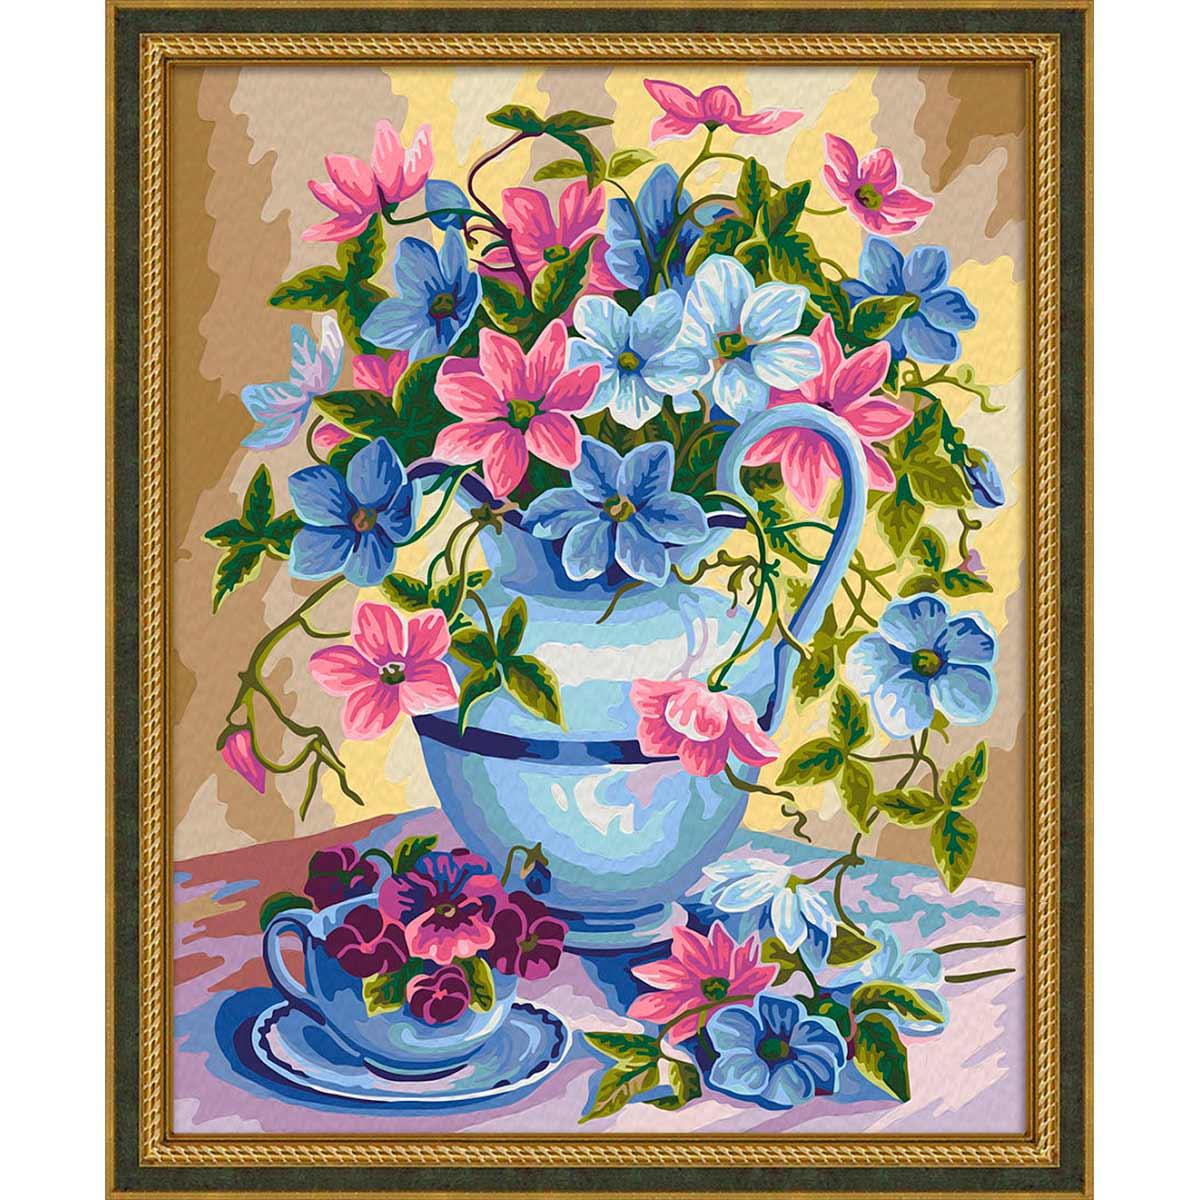 7С-0210 Картина по номерам 'Изящный букет'